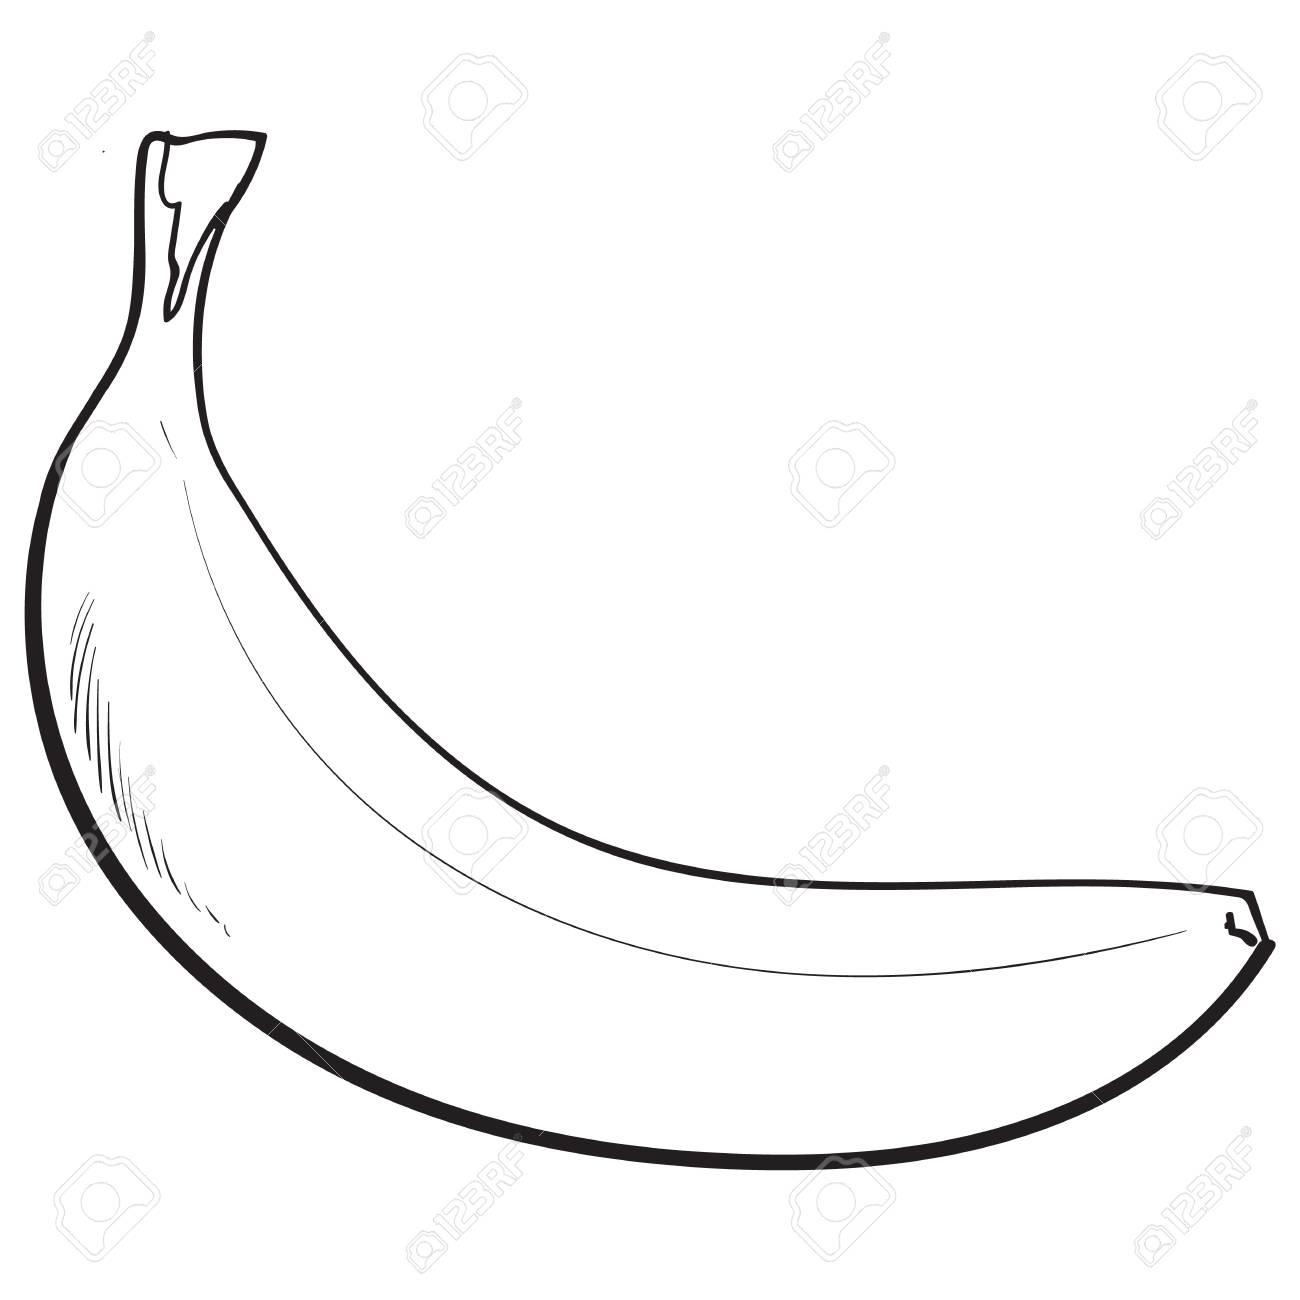 Banane Mûre Non Ouverte, Non Pelée Noir Et Blanc, Illustration De Style De  Croquis Isolé Sur Fond Blanc. Dessin Réaliste À La Main D'une Seule Banane pour Dessiner Une Banane